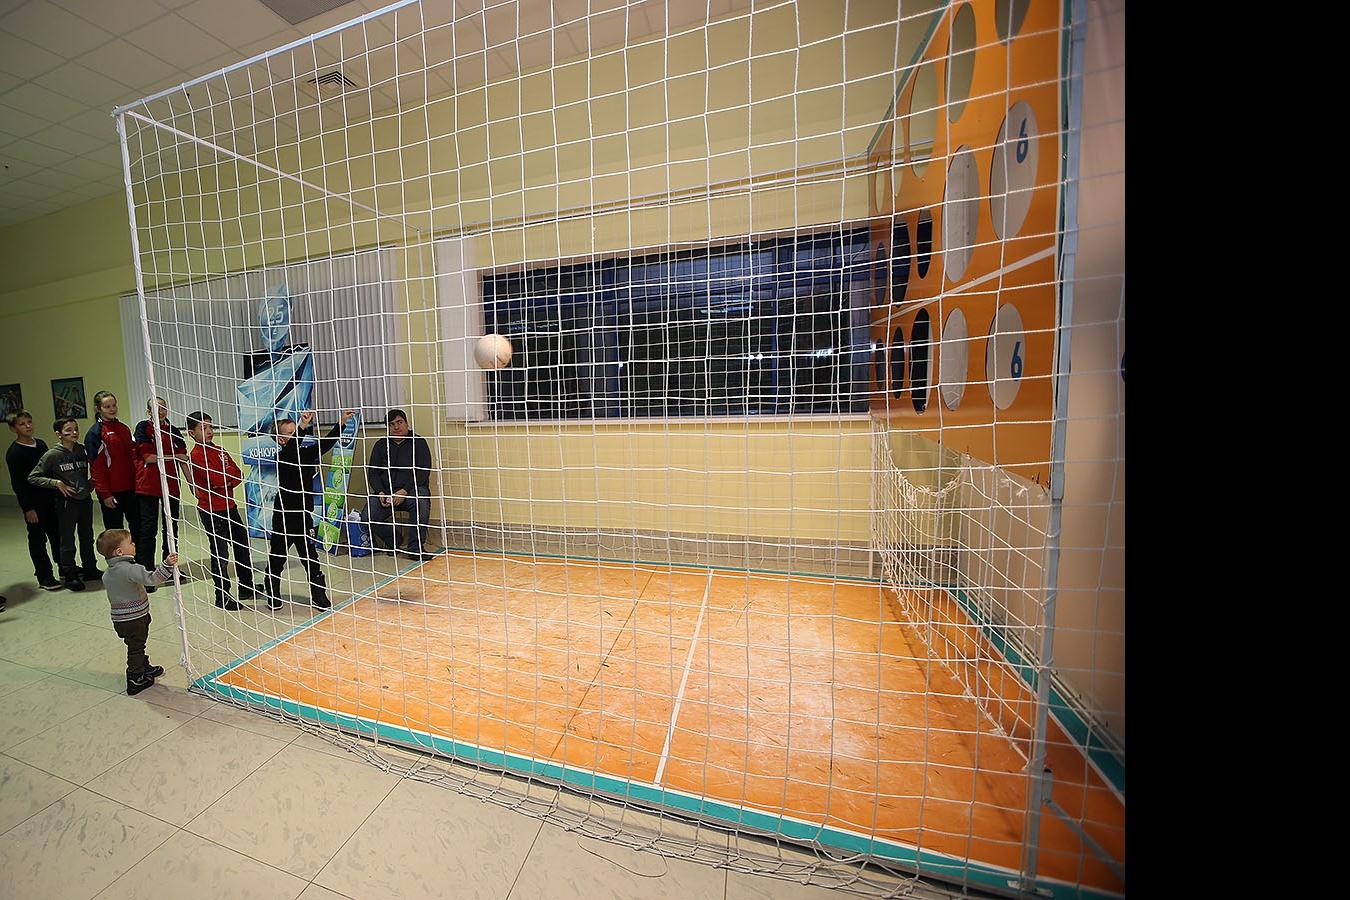 Конкурс на точный бросок в Центре волейбола